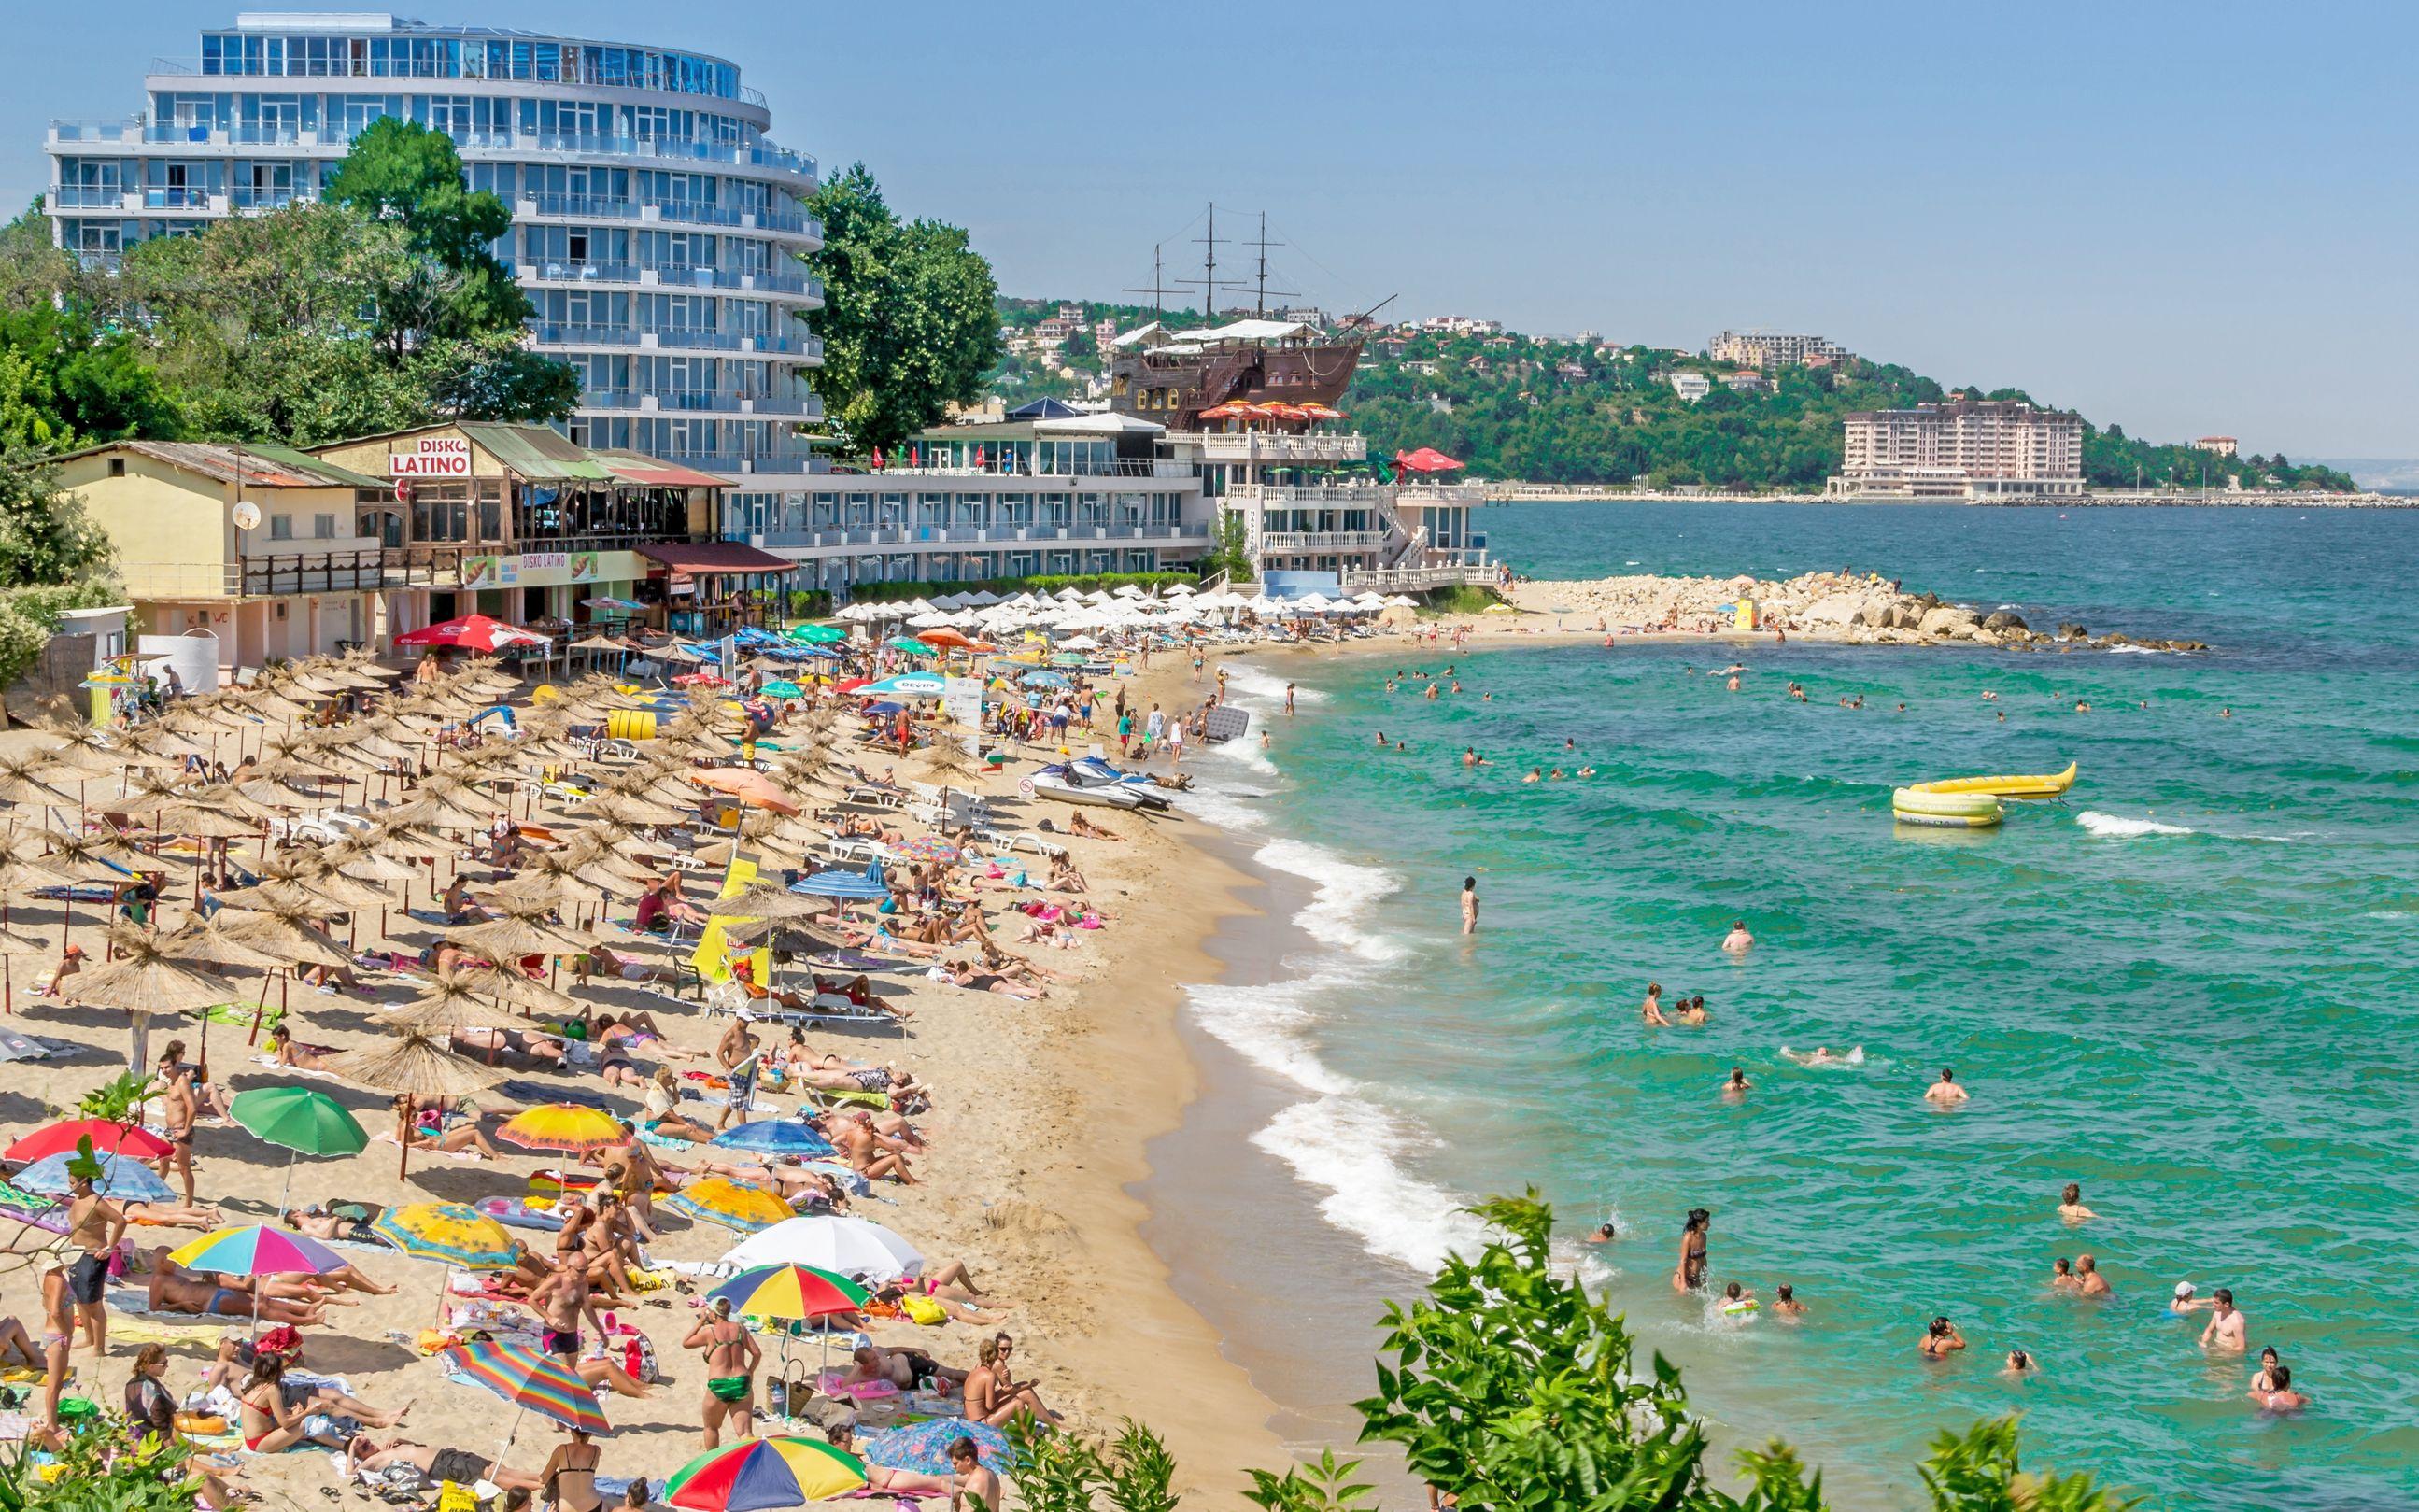 ТОП-10 бюджетных пляжных курортов 2019